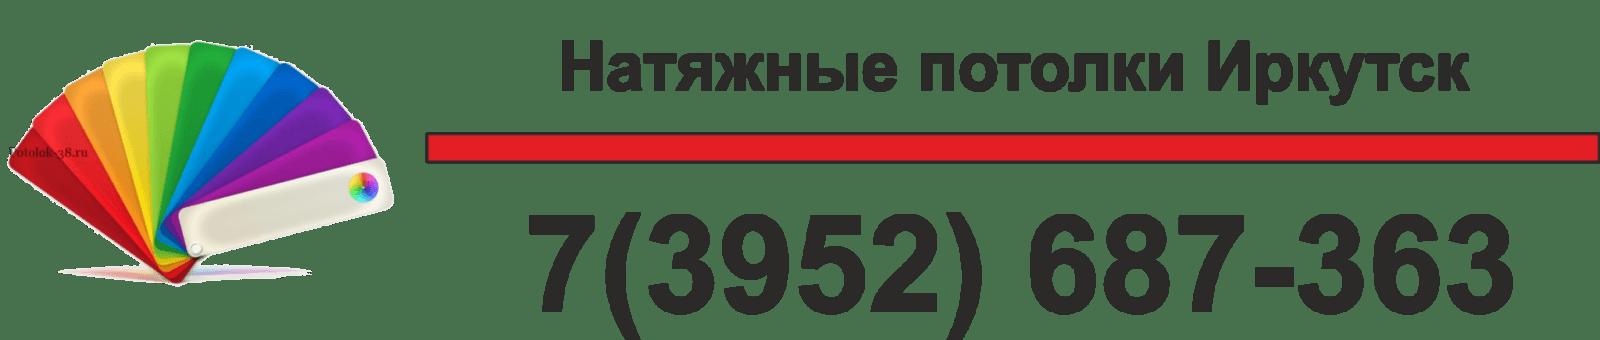 Натяжные потолки в Иркутске недорого